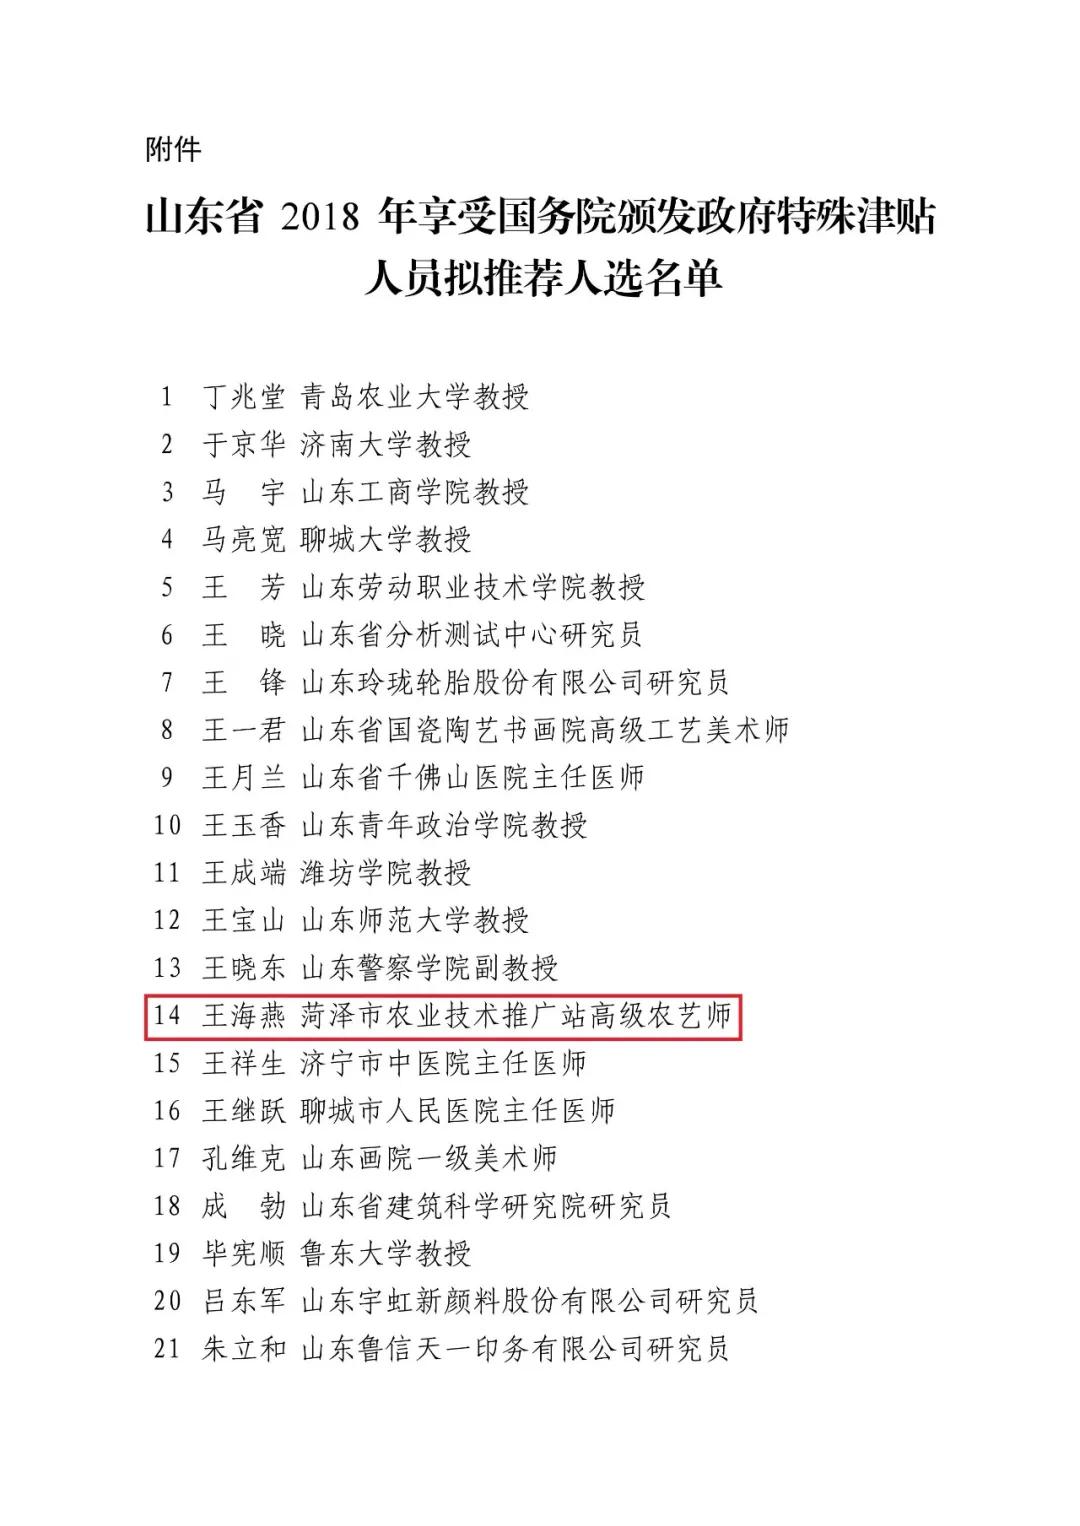 速看!享受国务院颁发政府特殊津贴人员,菏泽2人入选!